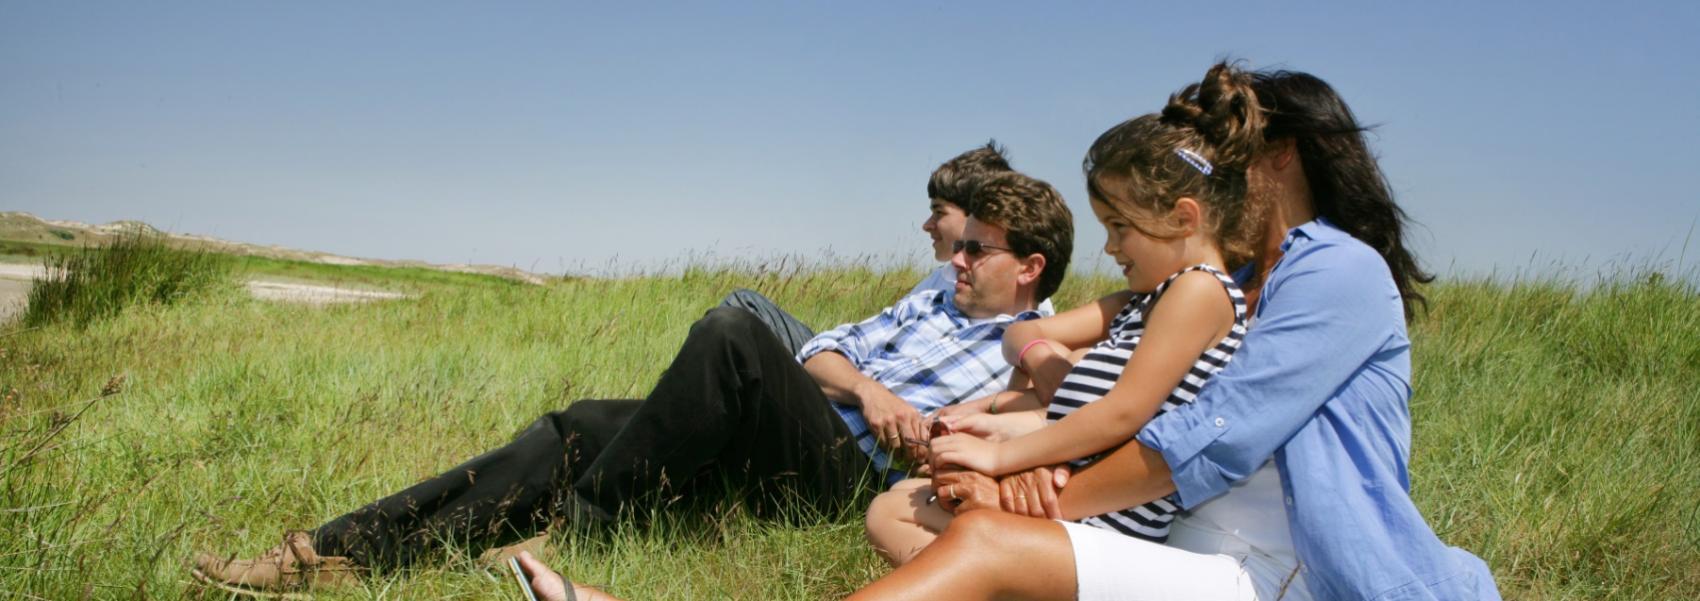 mensen in het gras uitkijkend over het landschap